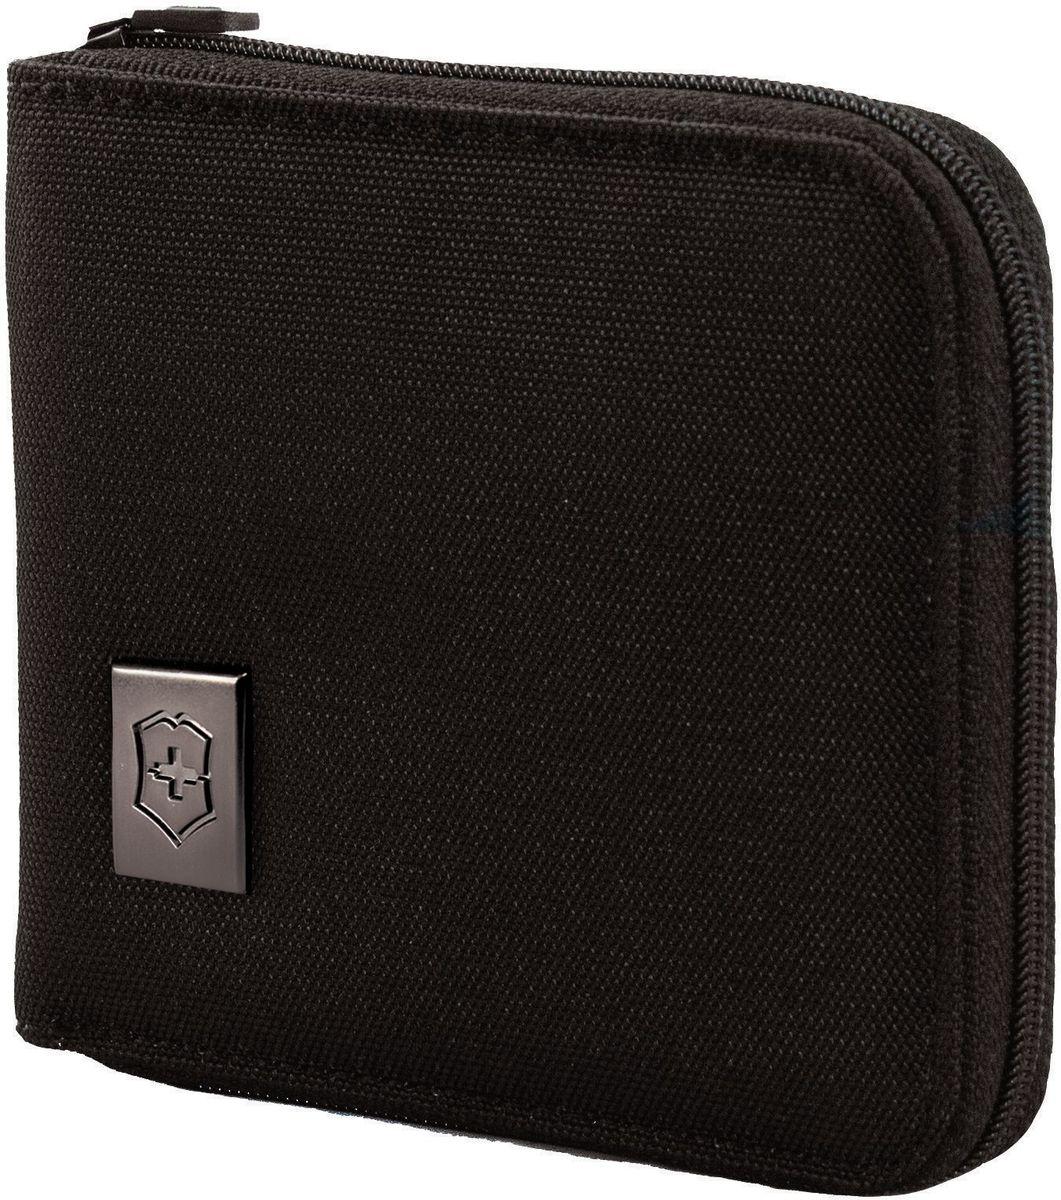 """Бумажник Victorinox """"Tri-Fold Wallet"""", на молнии, цвет: черный. 31172601"""